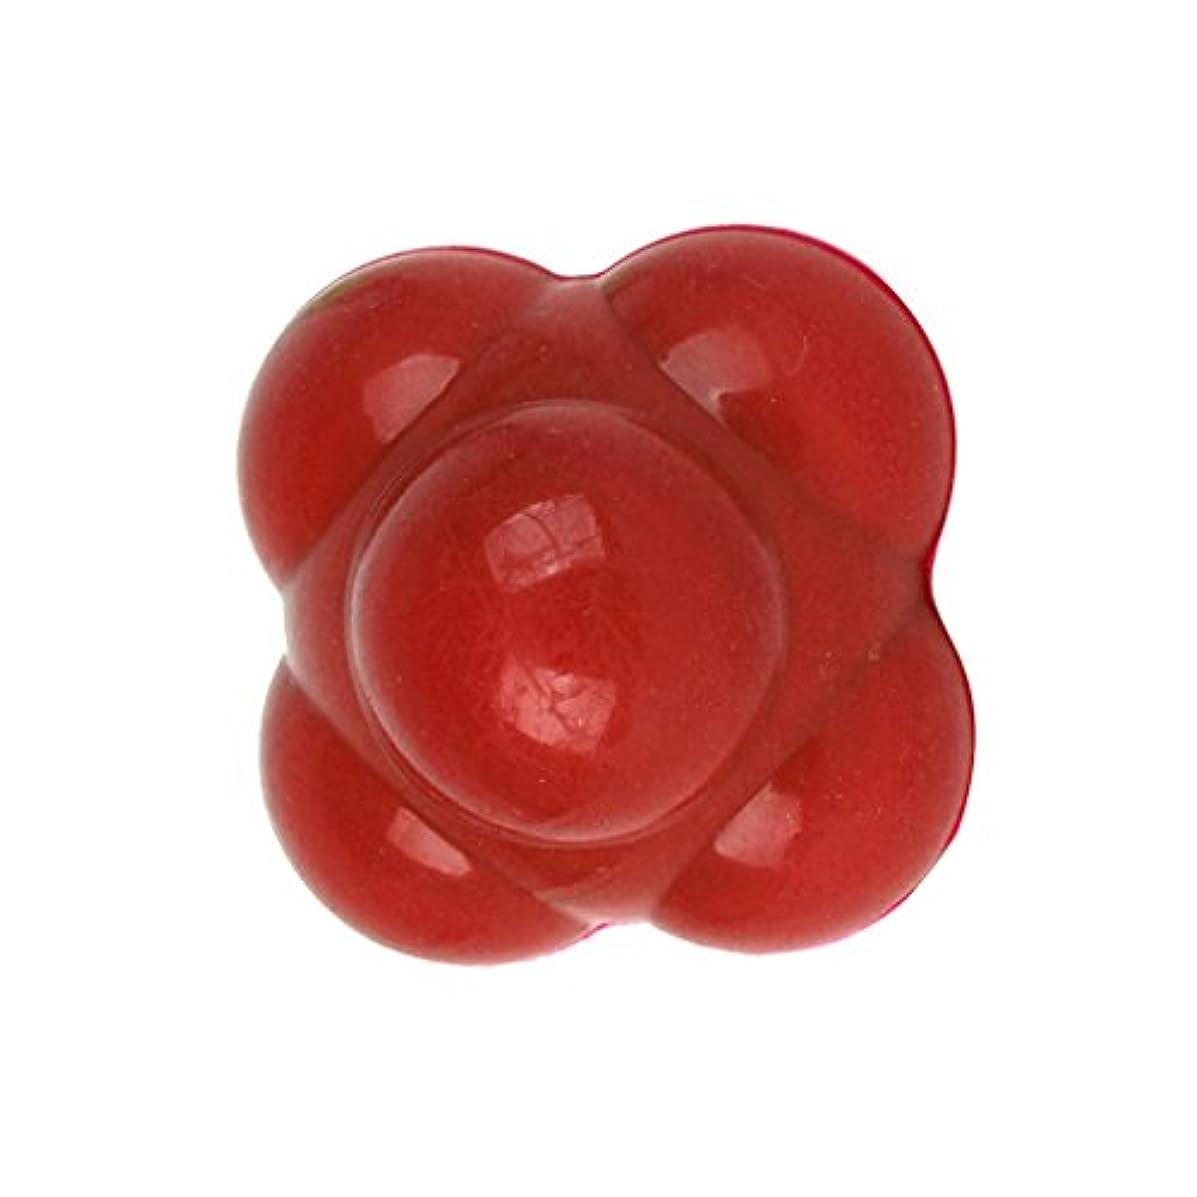 粒子オフ過敏な【ノーブランド品】六角反応ボール 六角マッサージボール 反射運動トレーニング赤